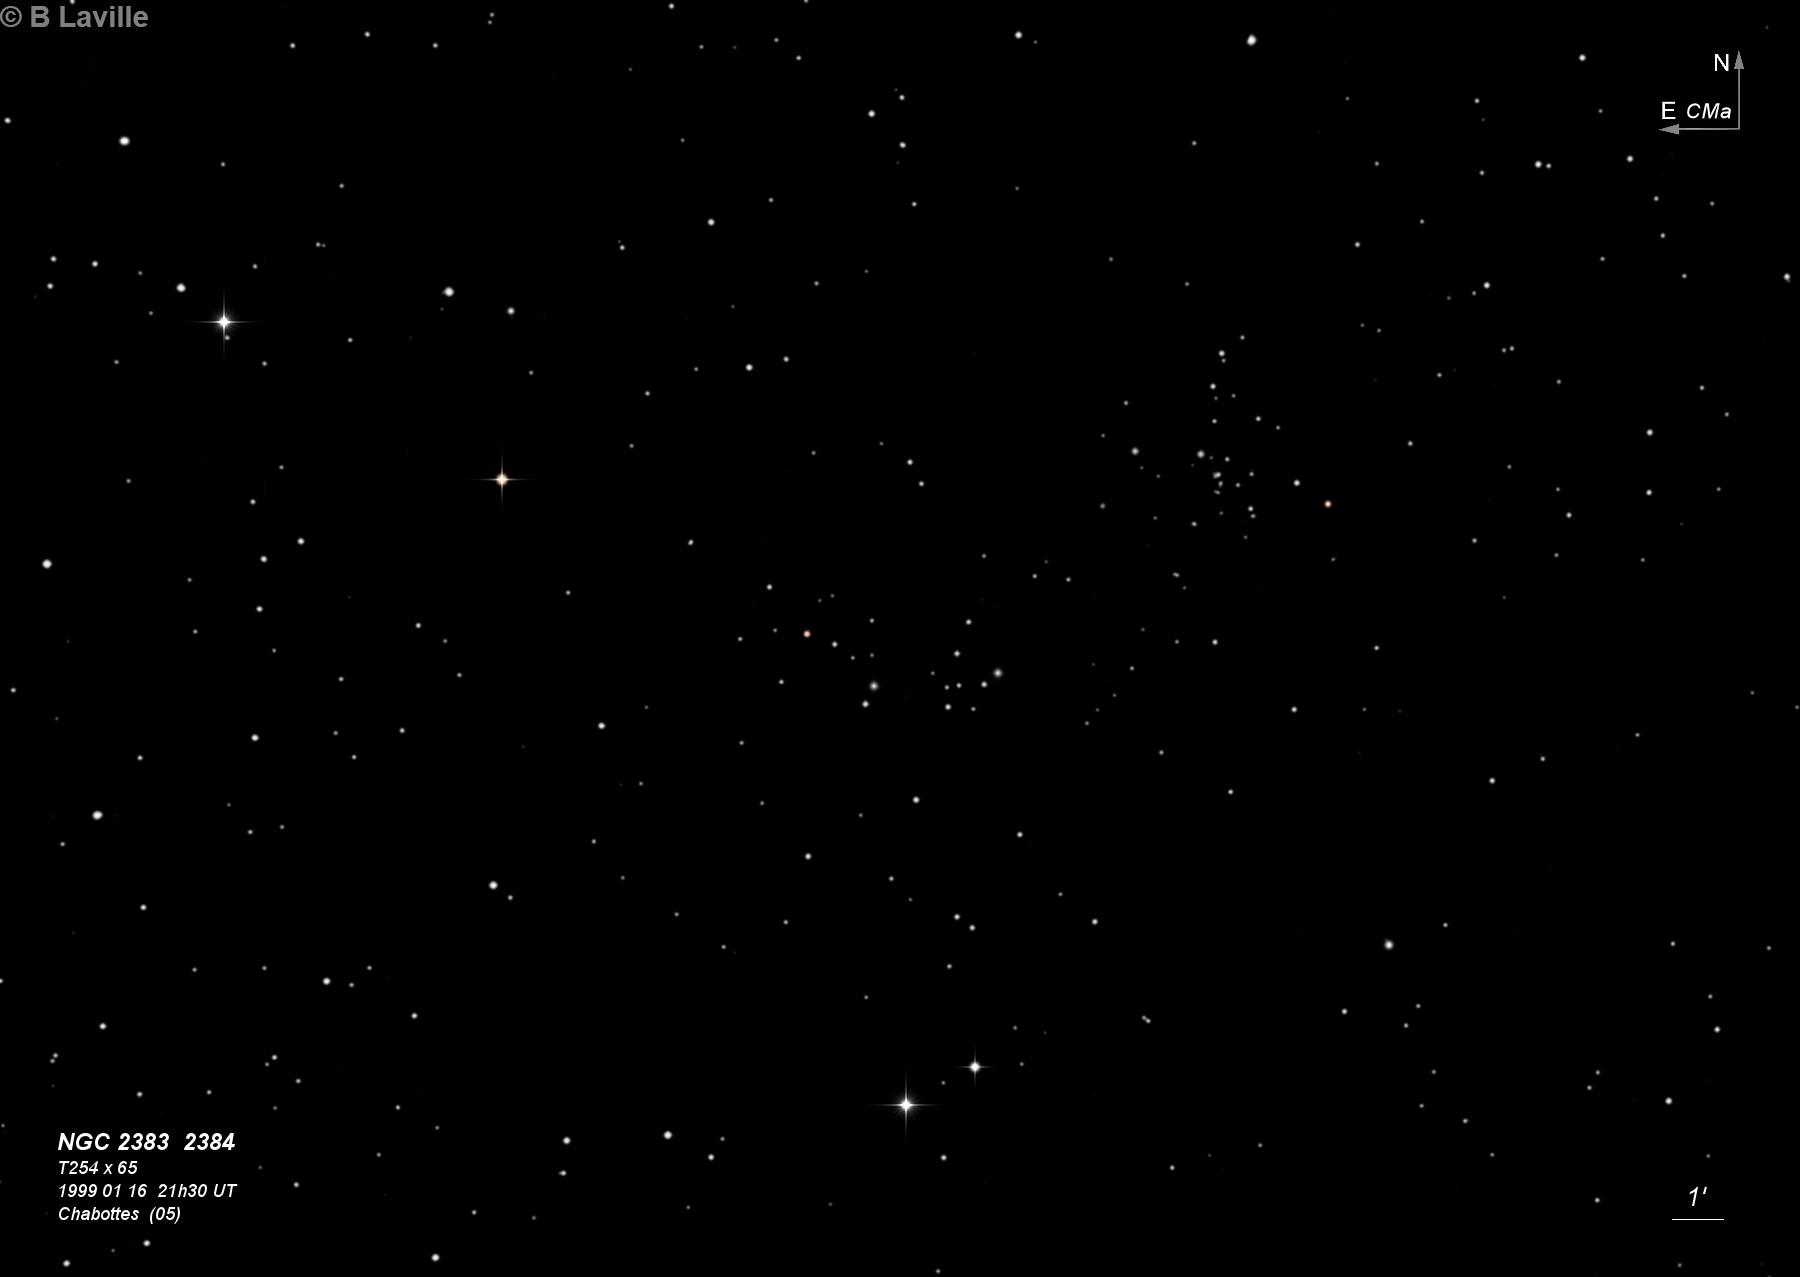 NGC 2383 & NGC 2384